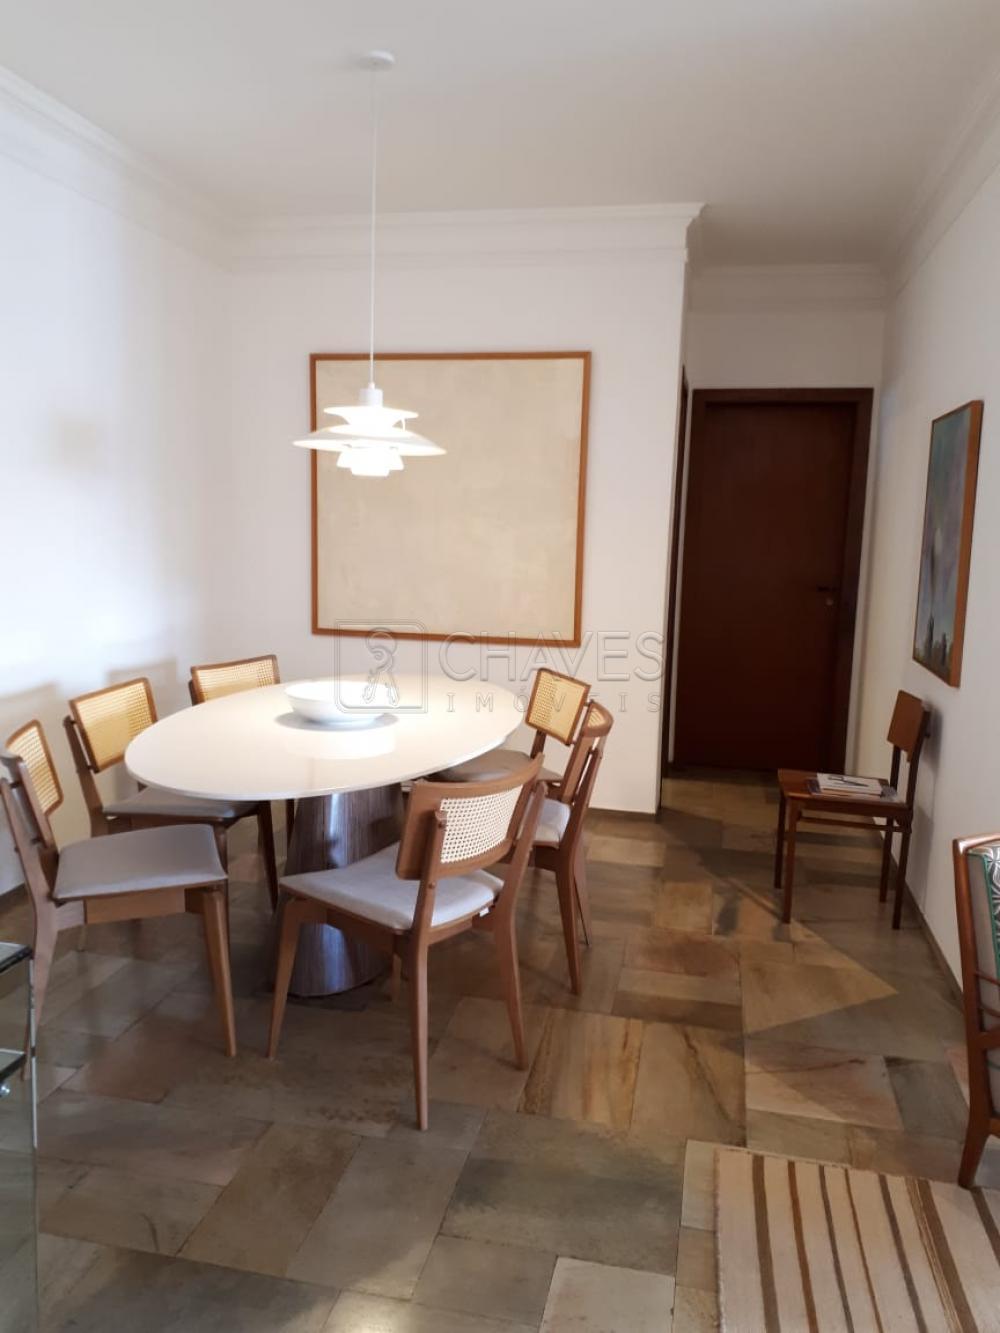 Alugar Apartamento / Padrão em Ribeirão Preto apenas R$ 2.000,00 - Foto 4